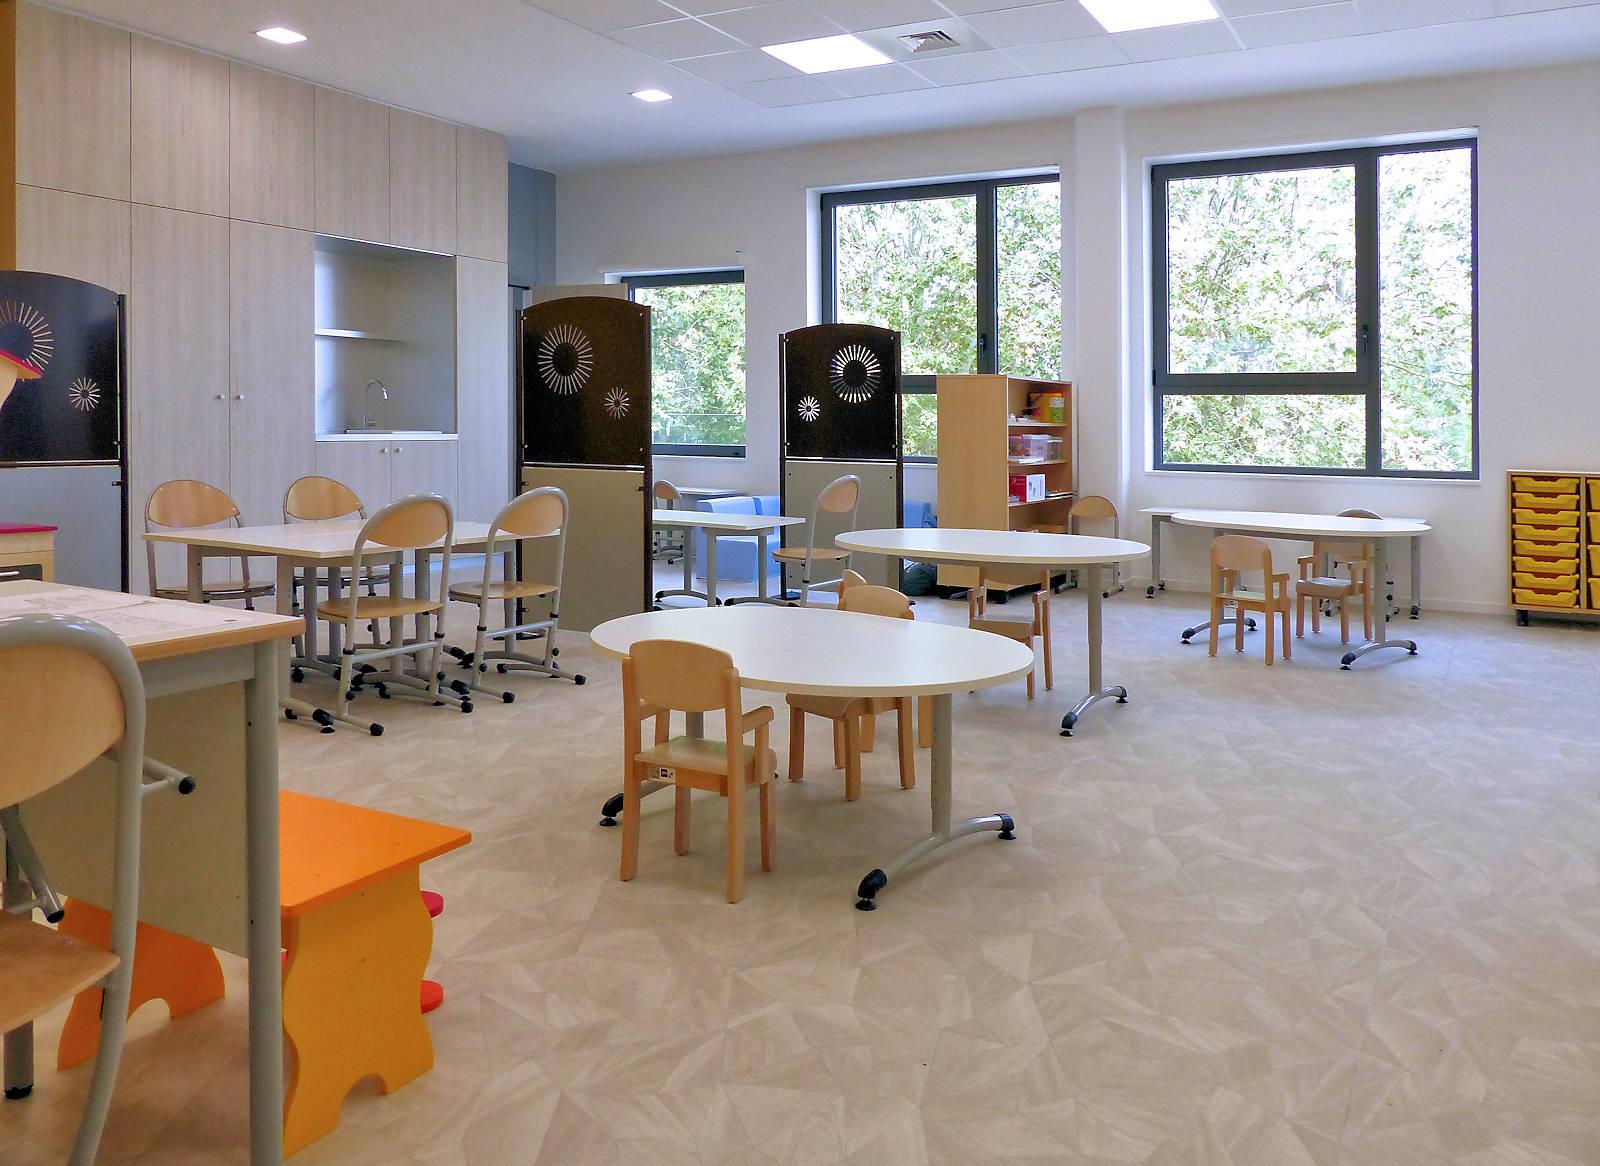 École Charles de Gaulle, Tourcoing - Salle de classe